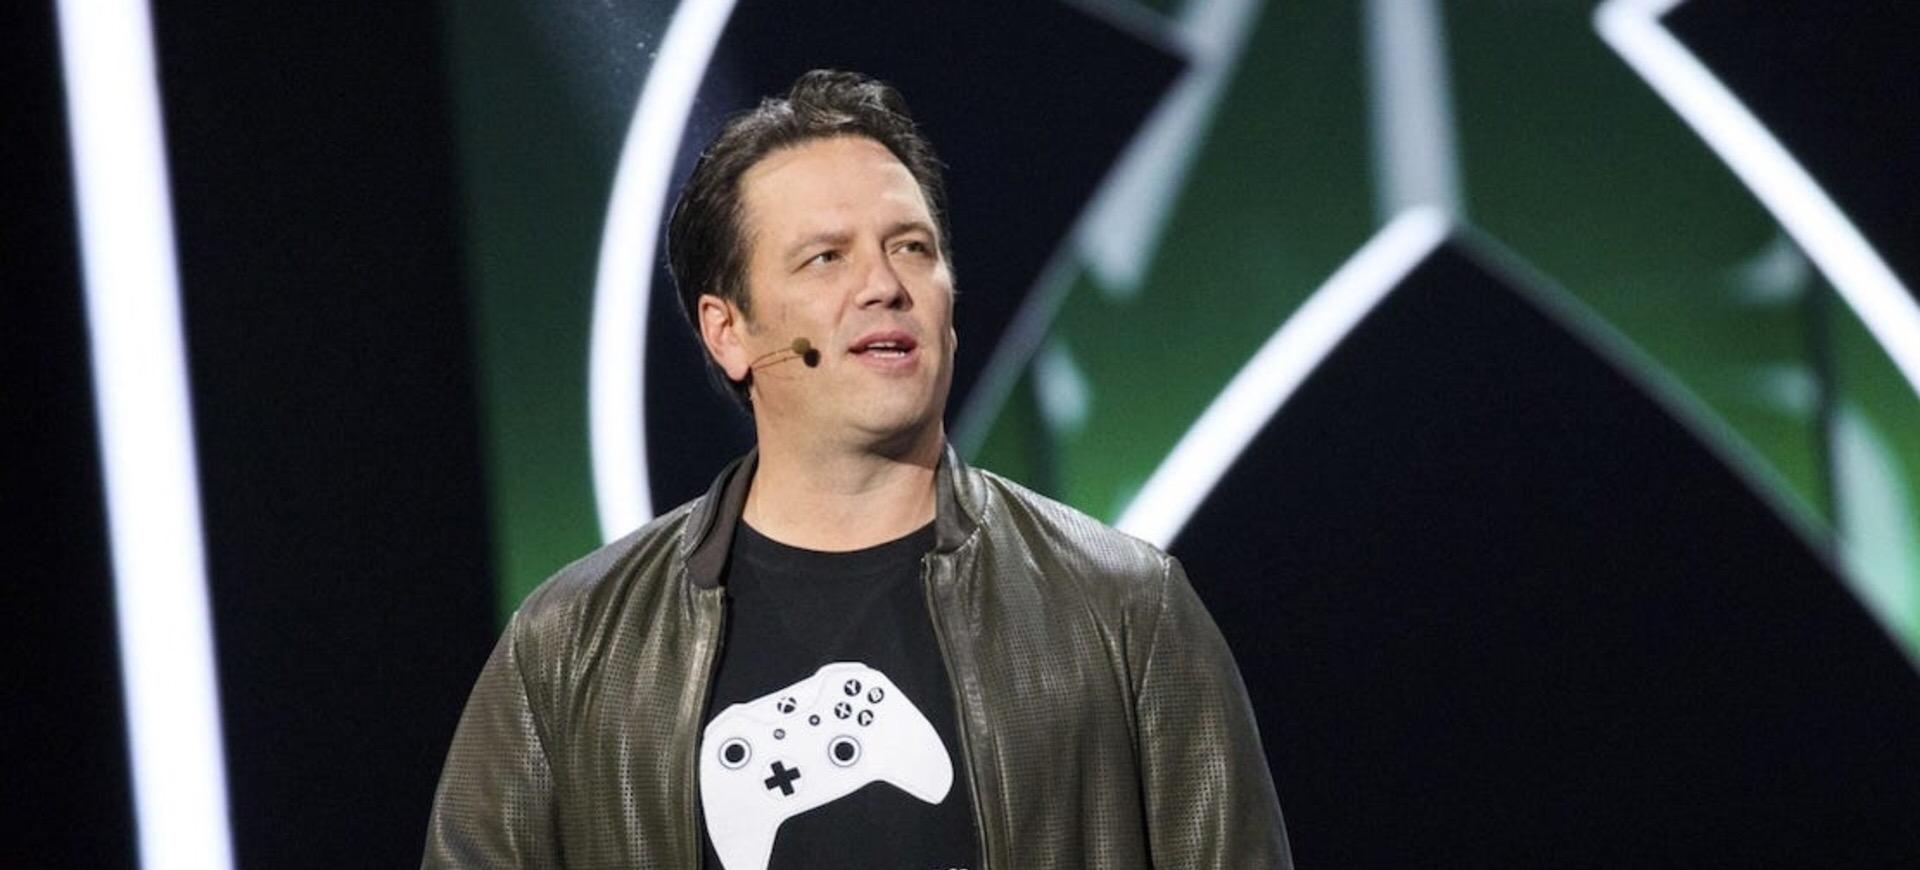 Phil Spencer nói về công nghệ game đám mây và hướng đi của xCloud